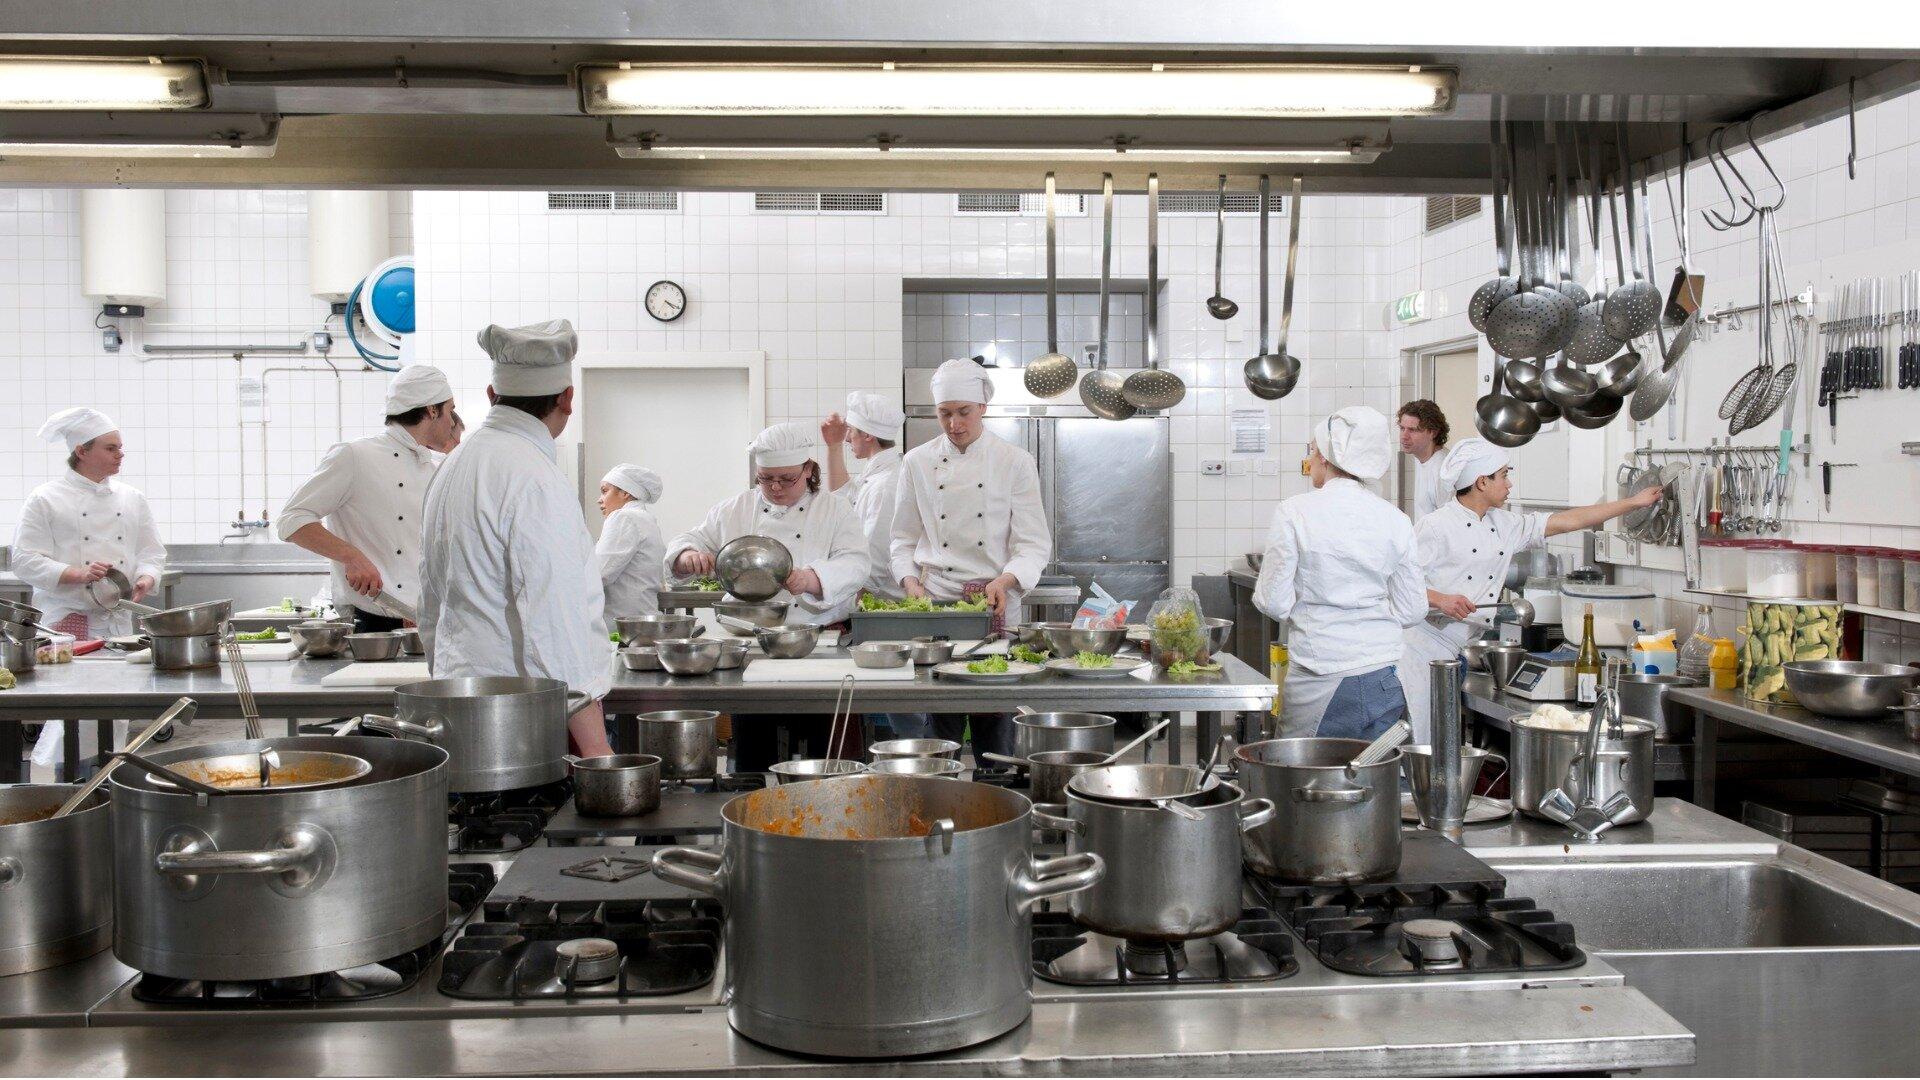 Profesjonalny sprzęt do gastronomii - czy warto?